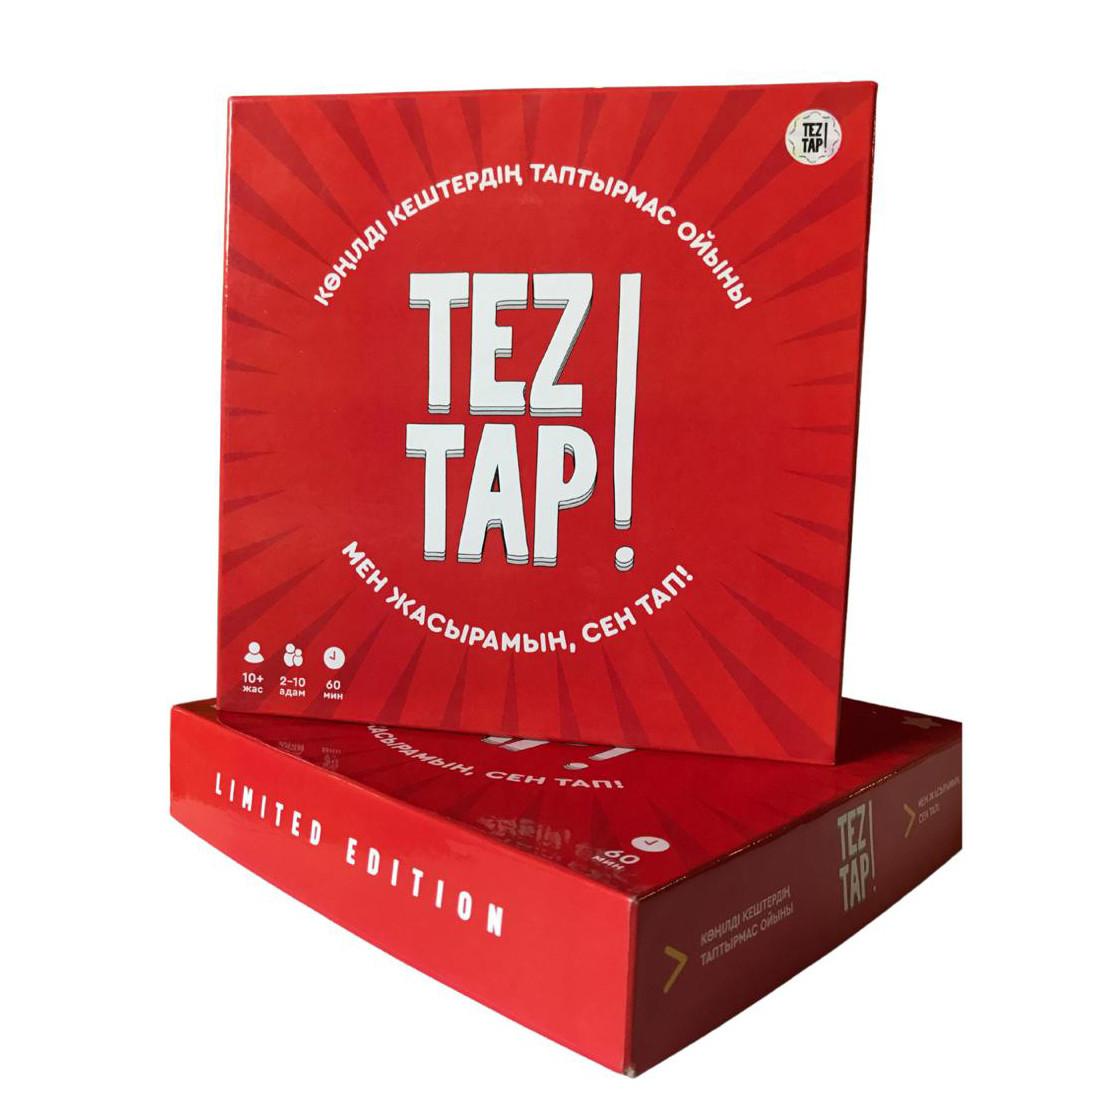 Настольная игра TEZ TAP на казахском языке TZTP01 - фото 1